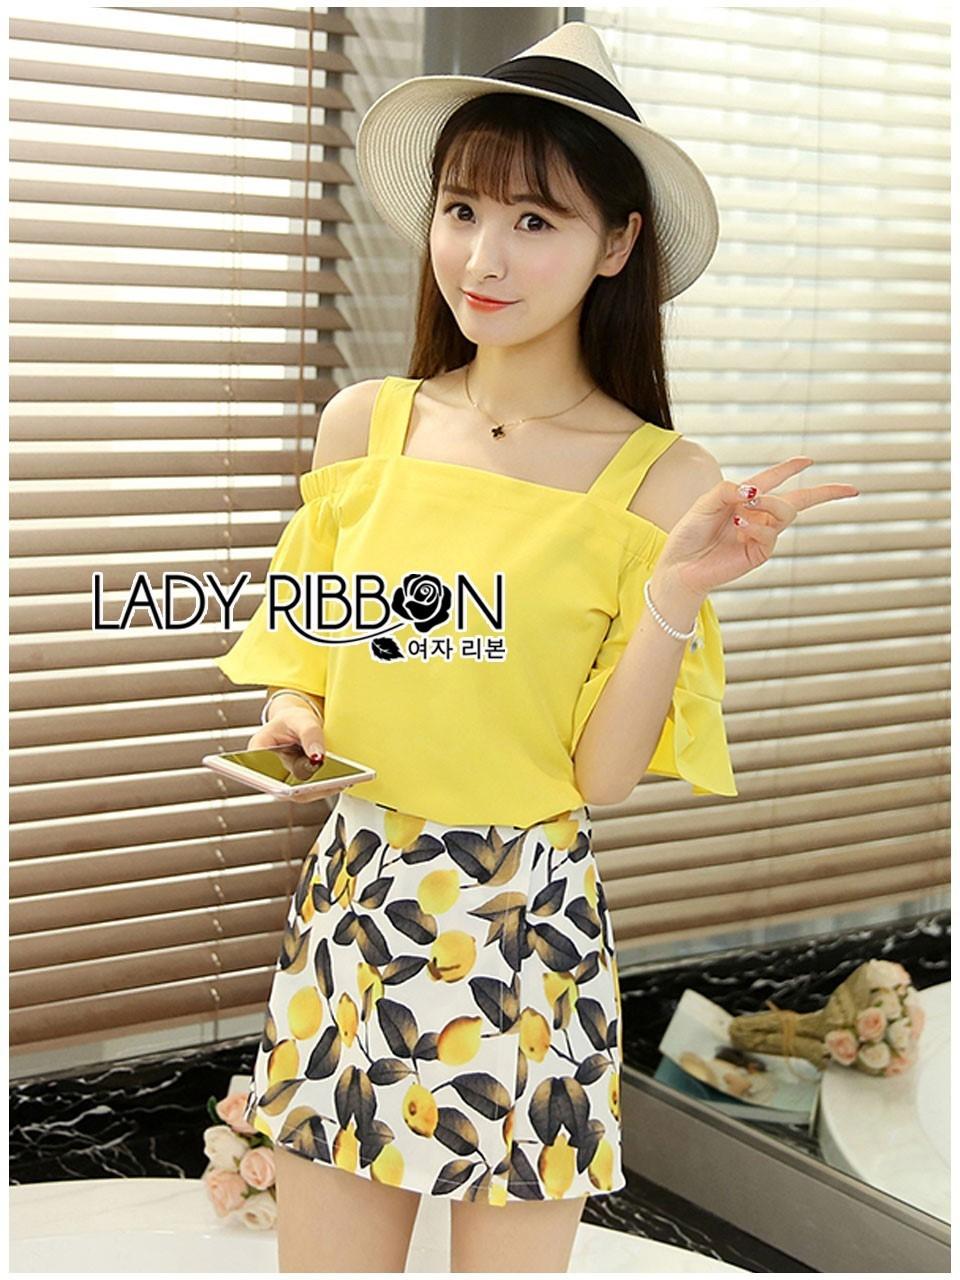 เสื้อผ้าเกาหลี พร้อมส่งเซ็ตเสื้อเปิดไหล่สีเหลืองและกระโปรงกางเกงพิมพ์ลายเลมอน